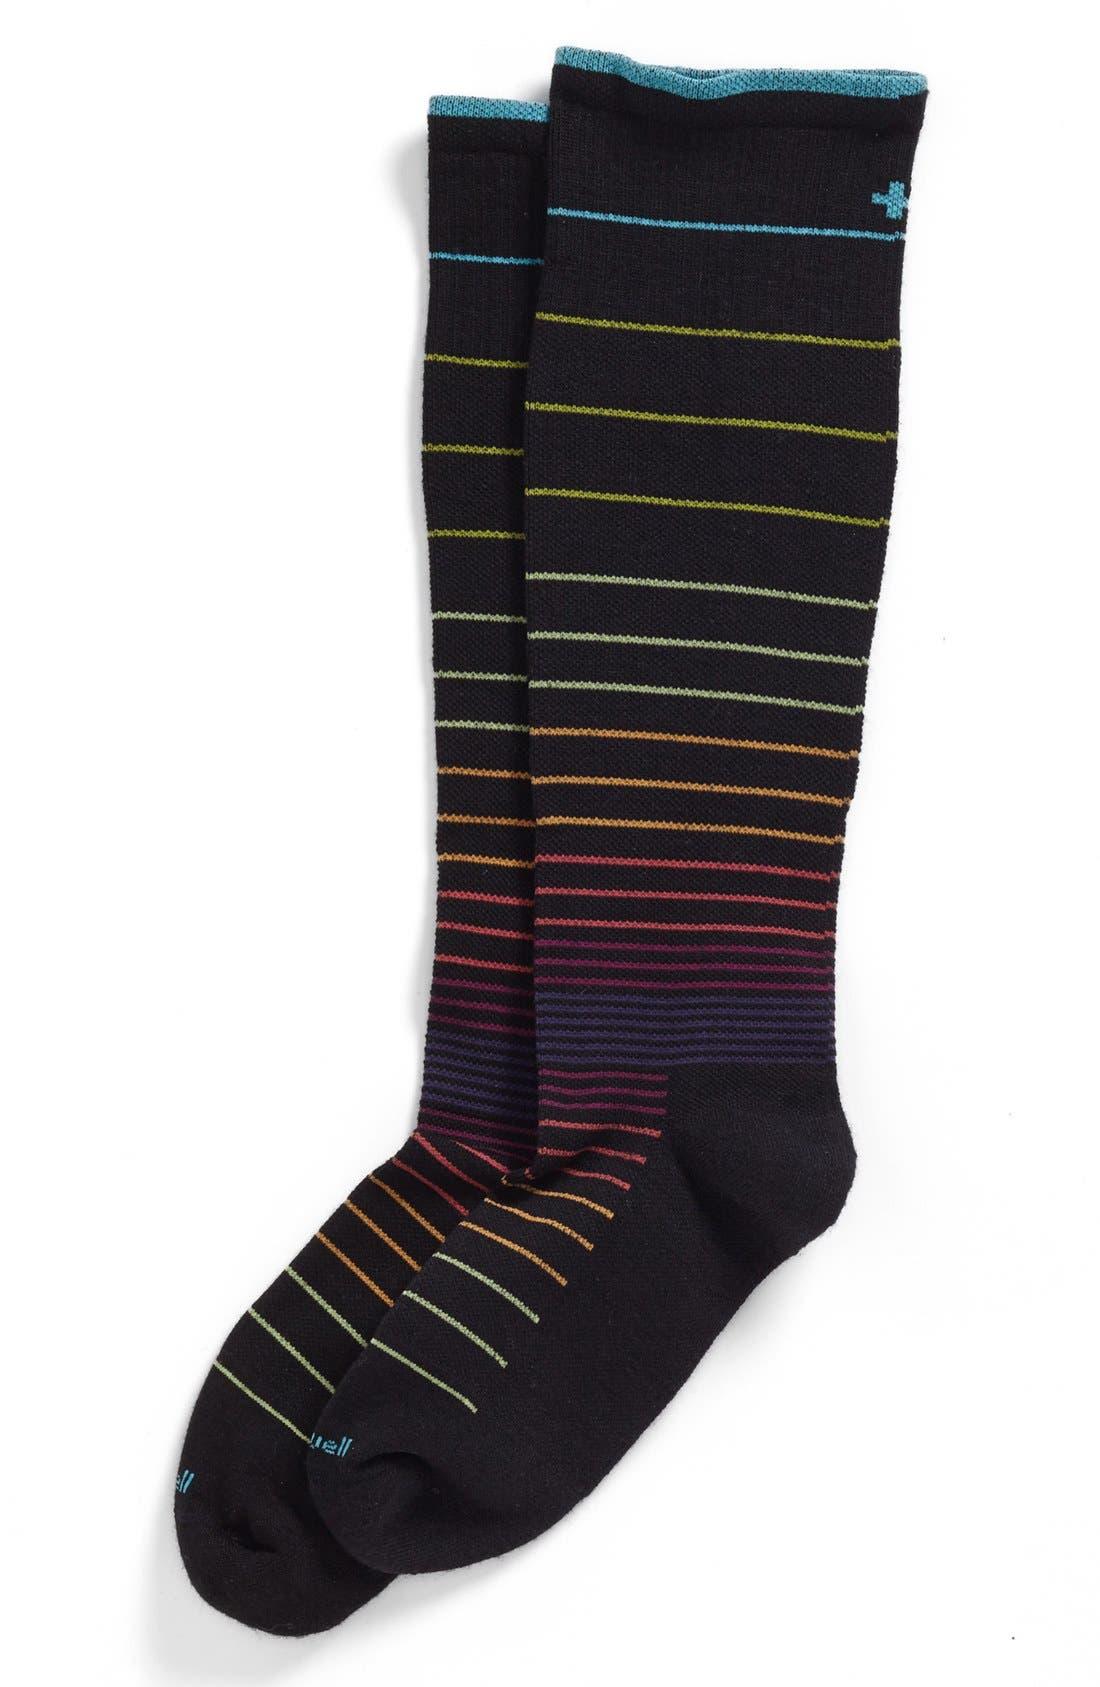 Circulator Compression Socks,                         Main,                         color, BLACK STRIPE